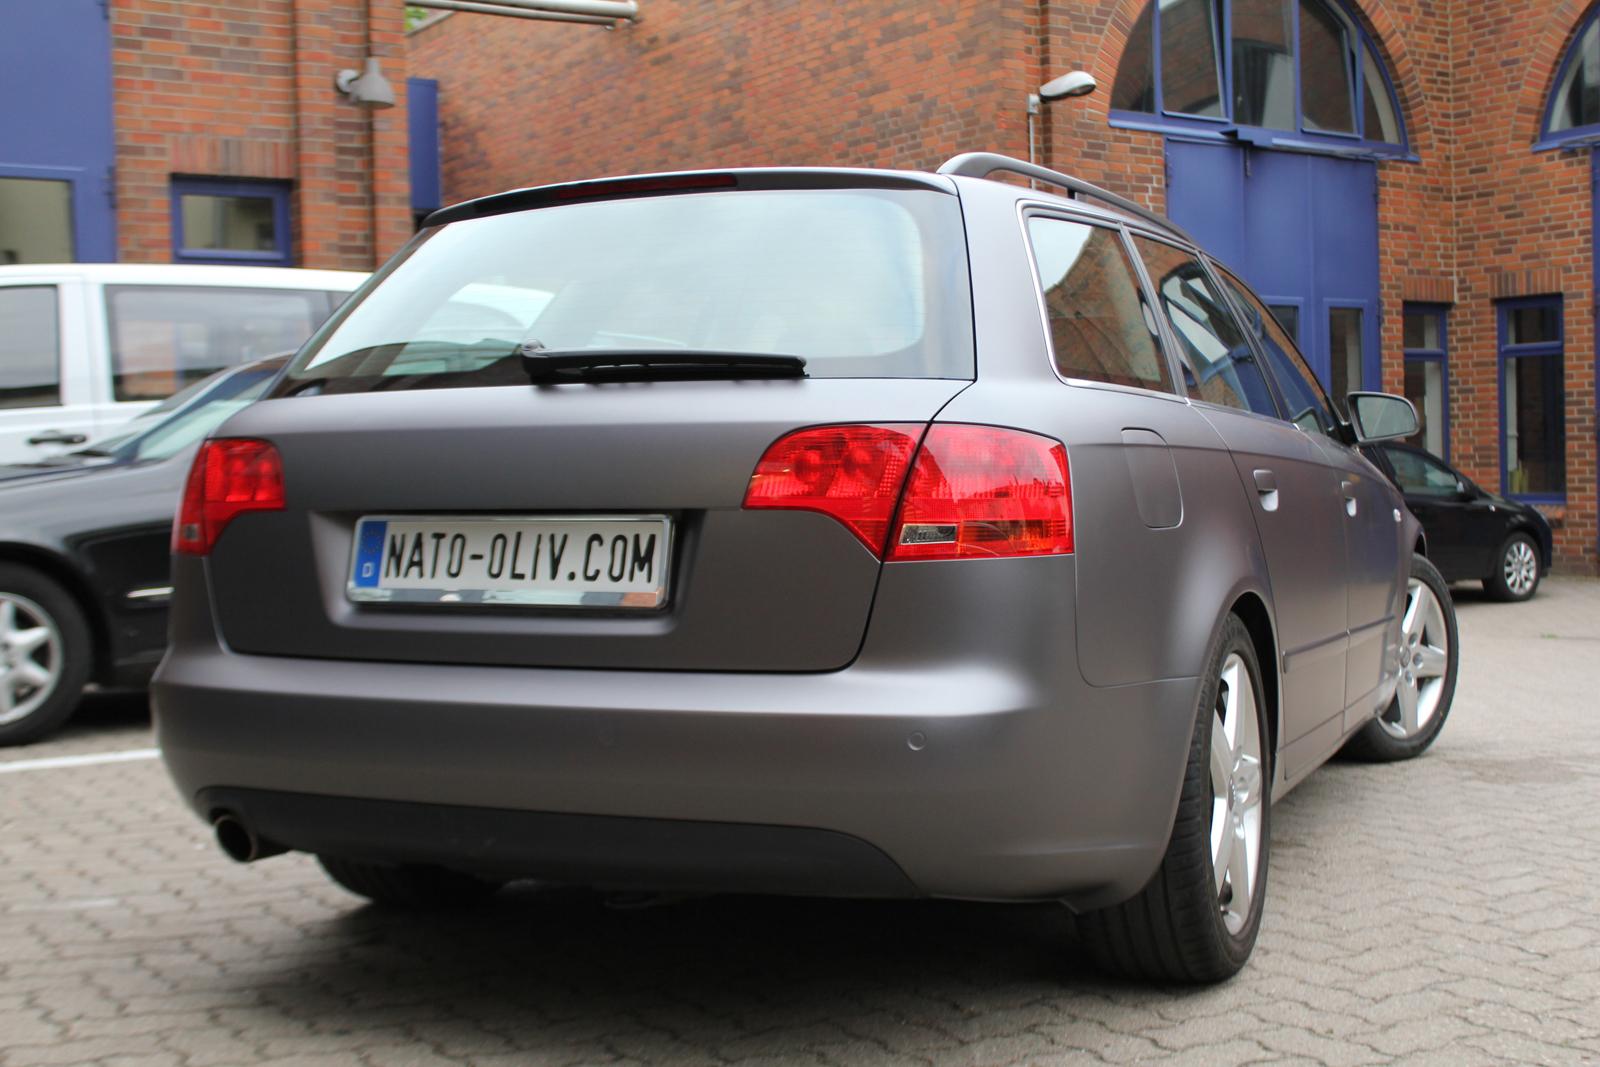 Heckansicht eines Audi A4 in anthrazit matt mellic Folie und schwarz glänzenden Rallye-Streifen